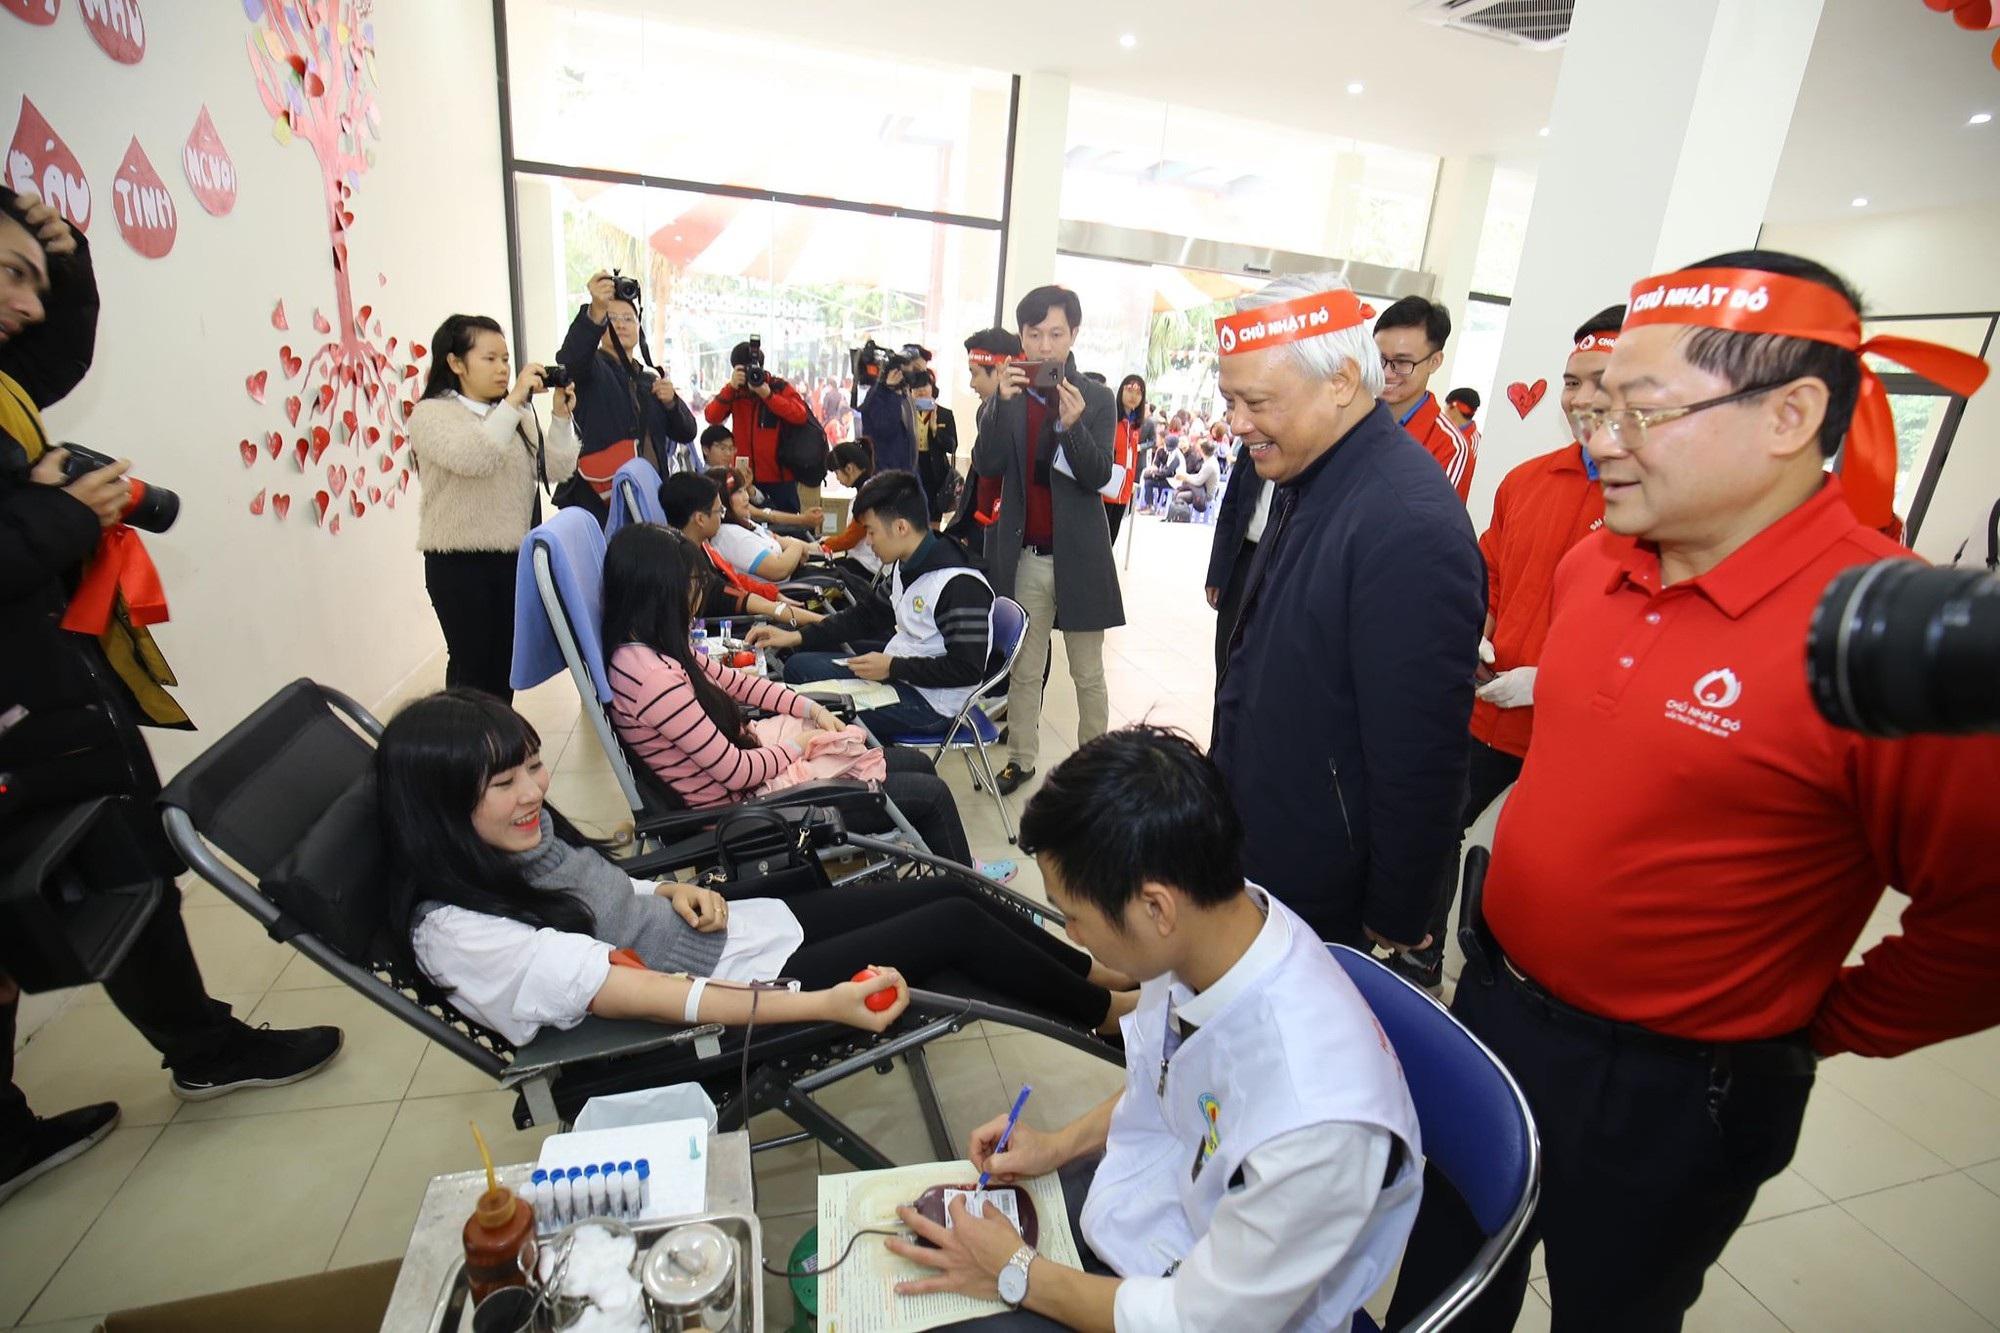 Hoa hậu Trần Tiểu Vy, cầu thủ Đình Trọng, Văn Quyết kêu gọi hiến máu tình nguyện - Ảnh 6.